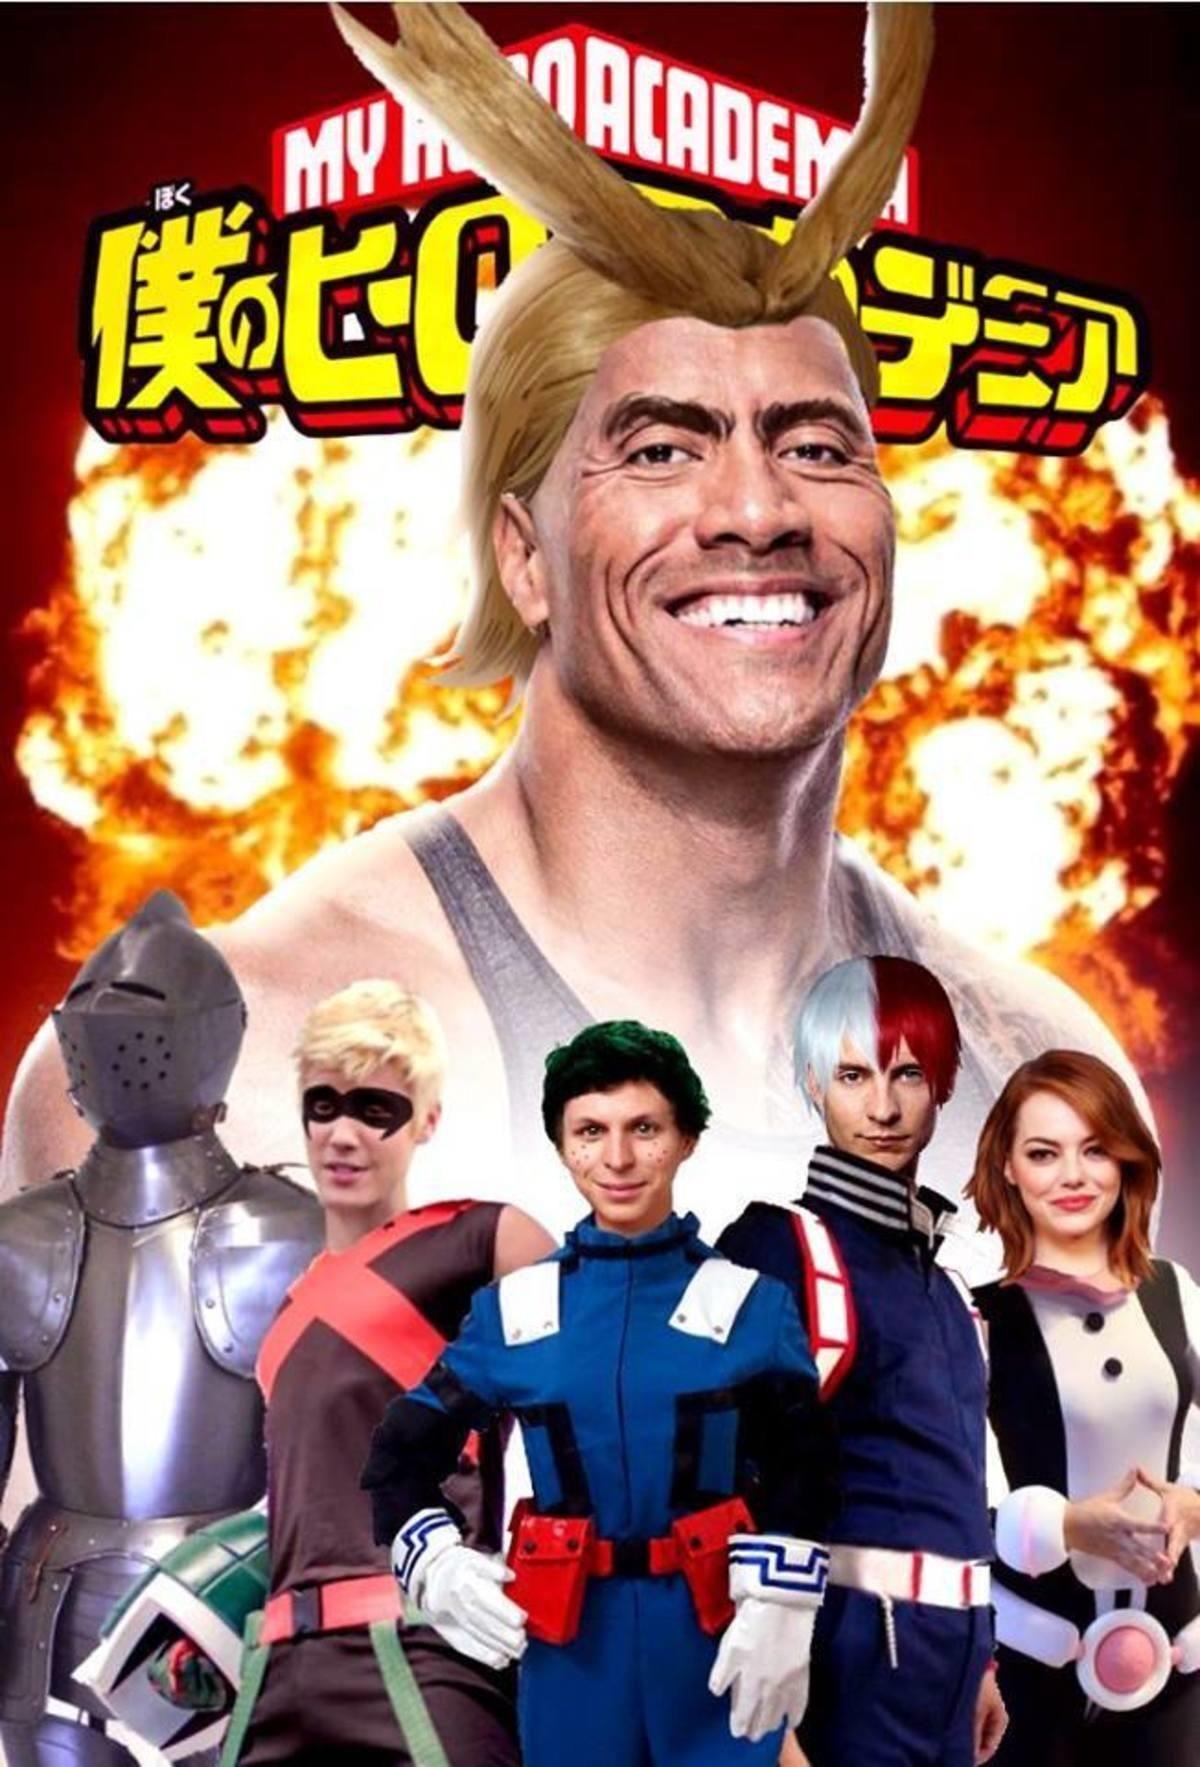 My Hero Academia Live Action My Hero Academia Anime Engracado Memes De Anime Fotos De Anime Engracada